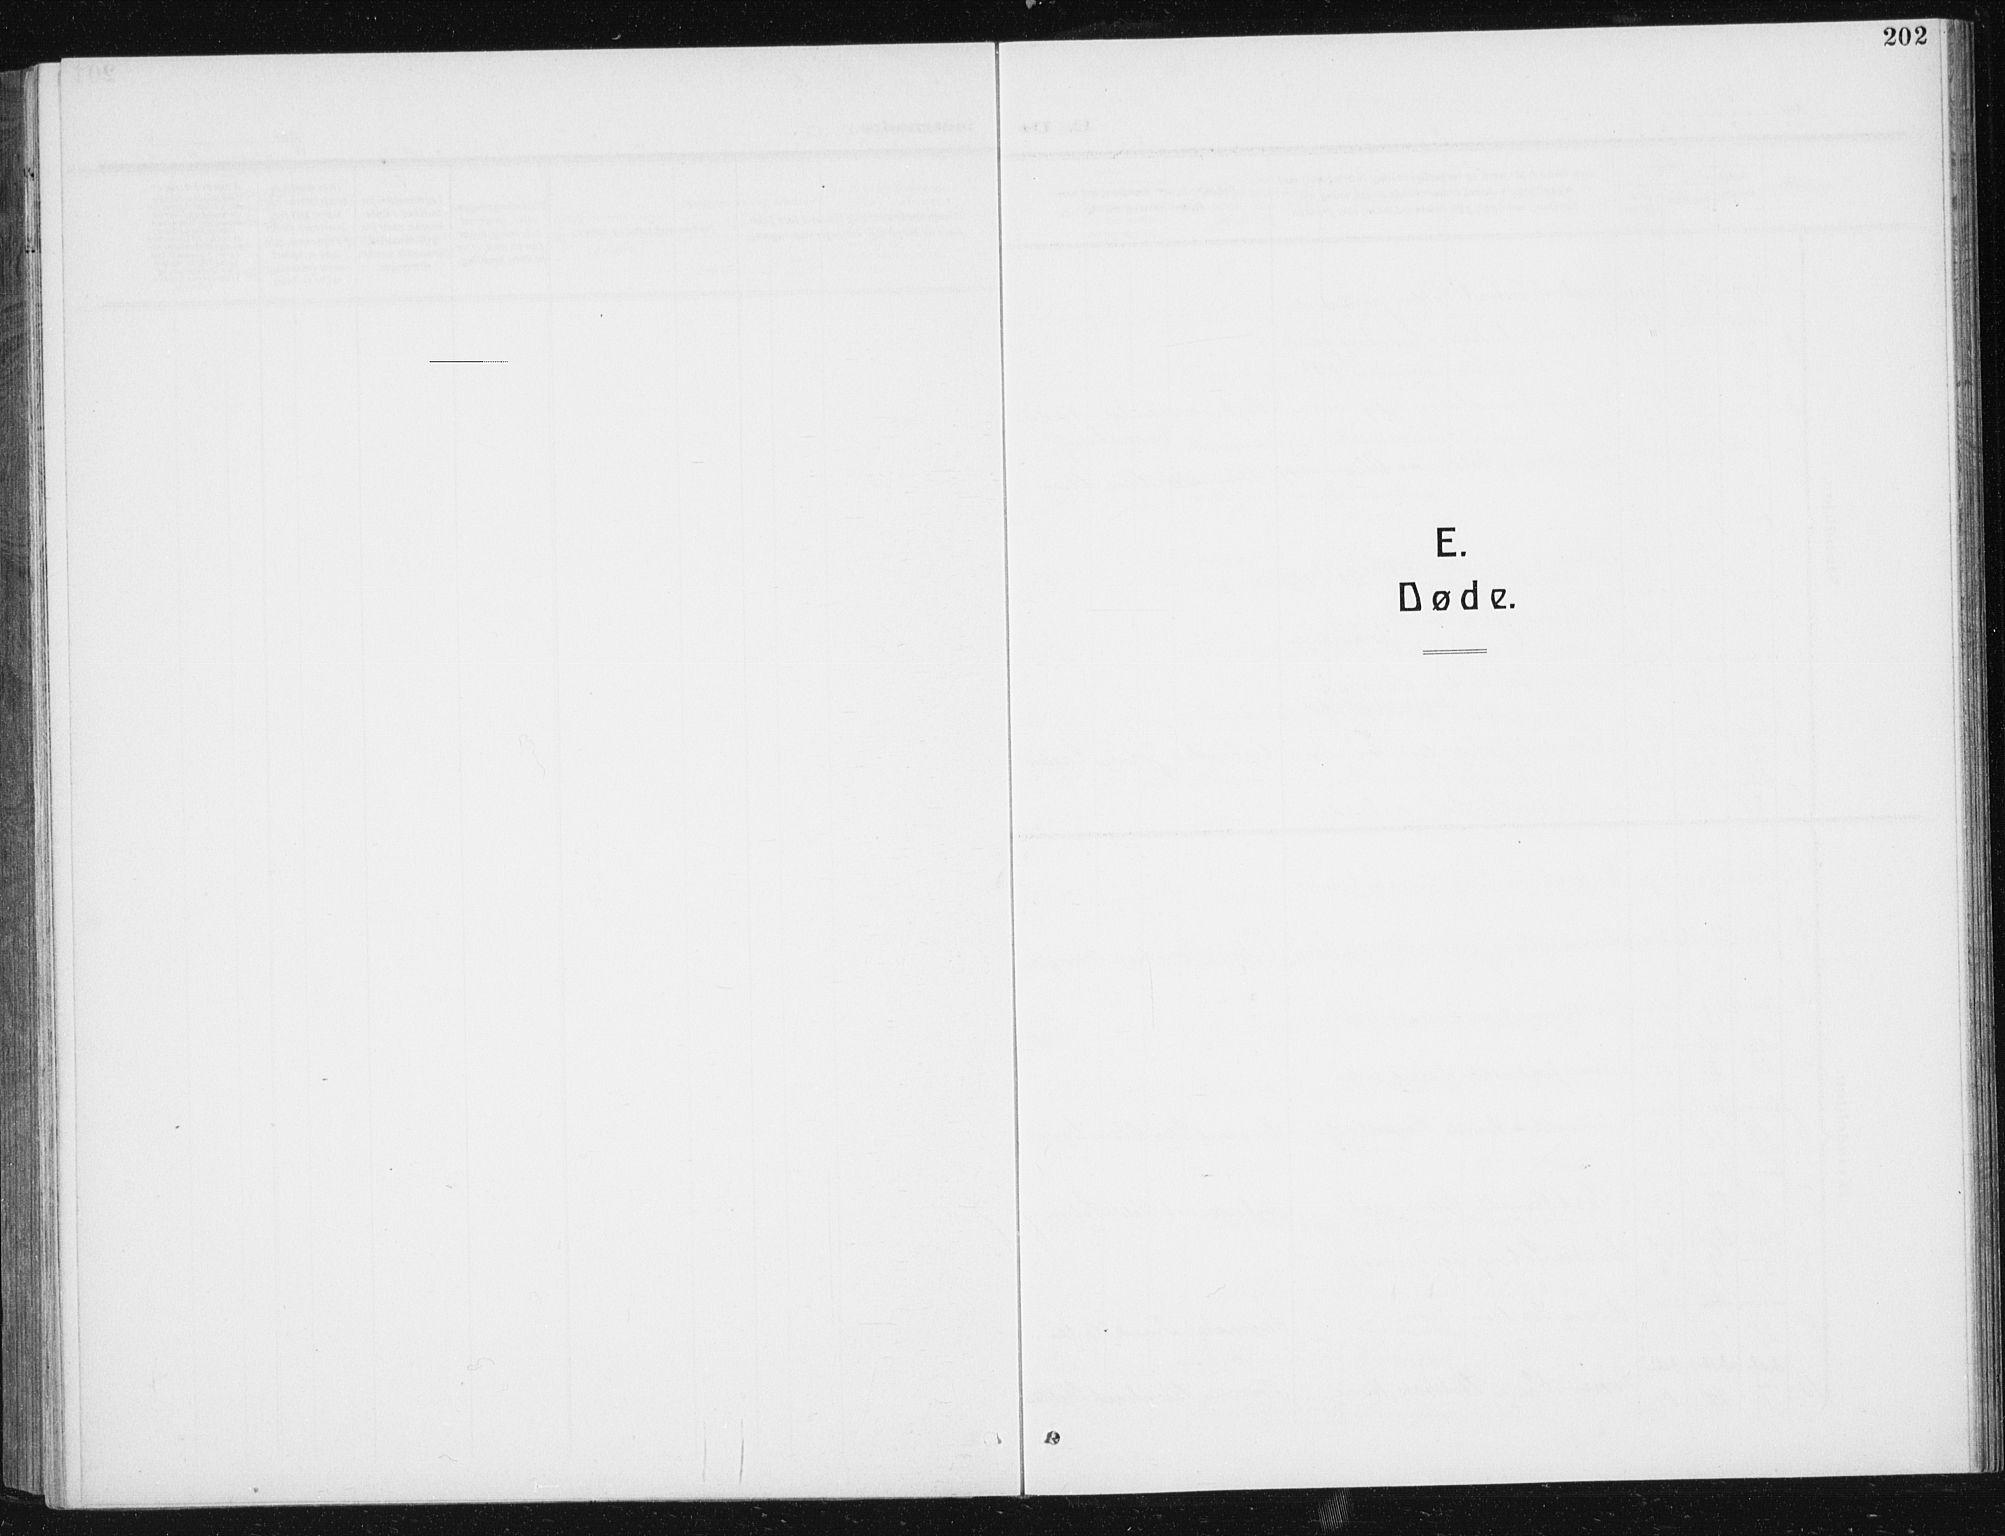 SAT, Ministerialprotokoller, klokkerbøker og fødselsregistre - Sør-Trøndelag, 617/L0431: Klokkerbok nr. 617C02, 1910-1936, s. 202